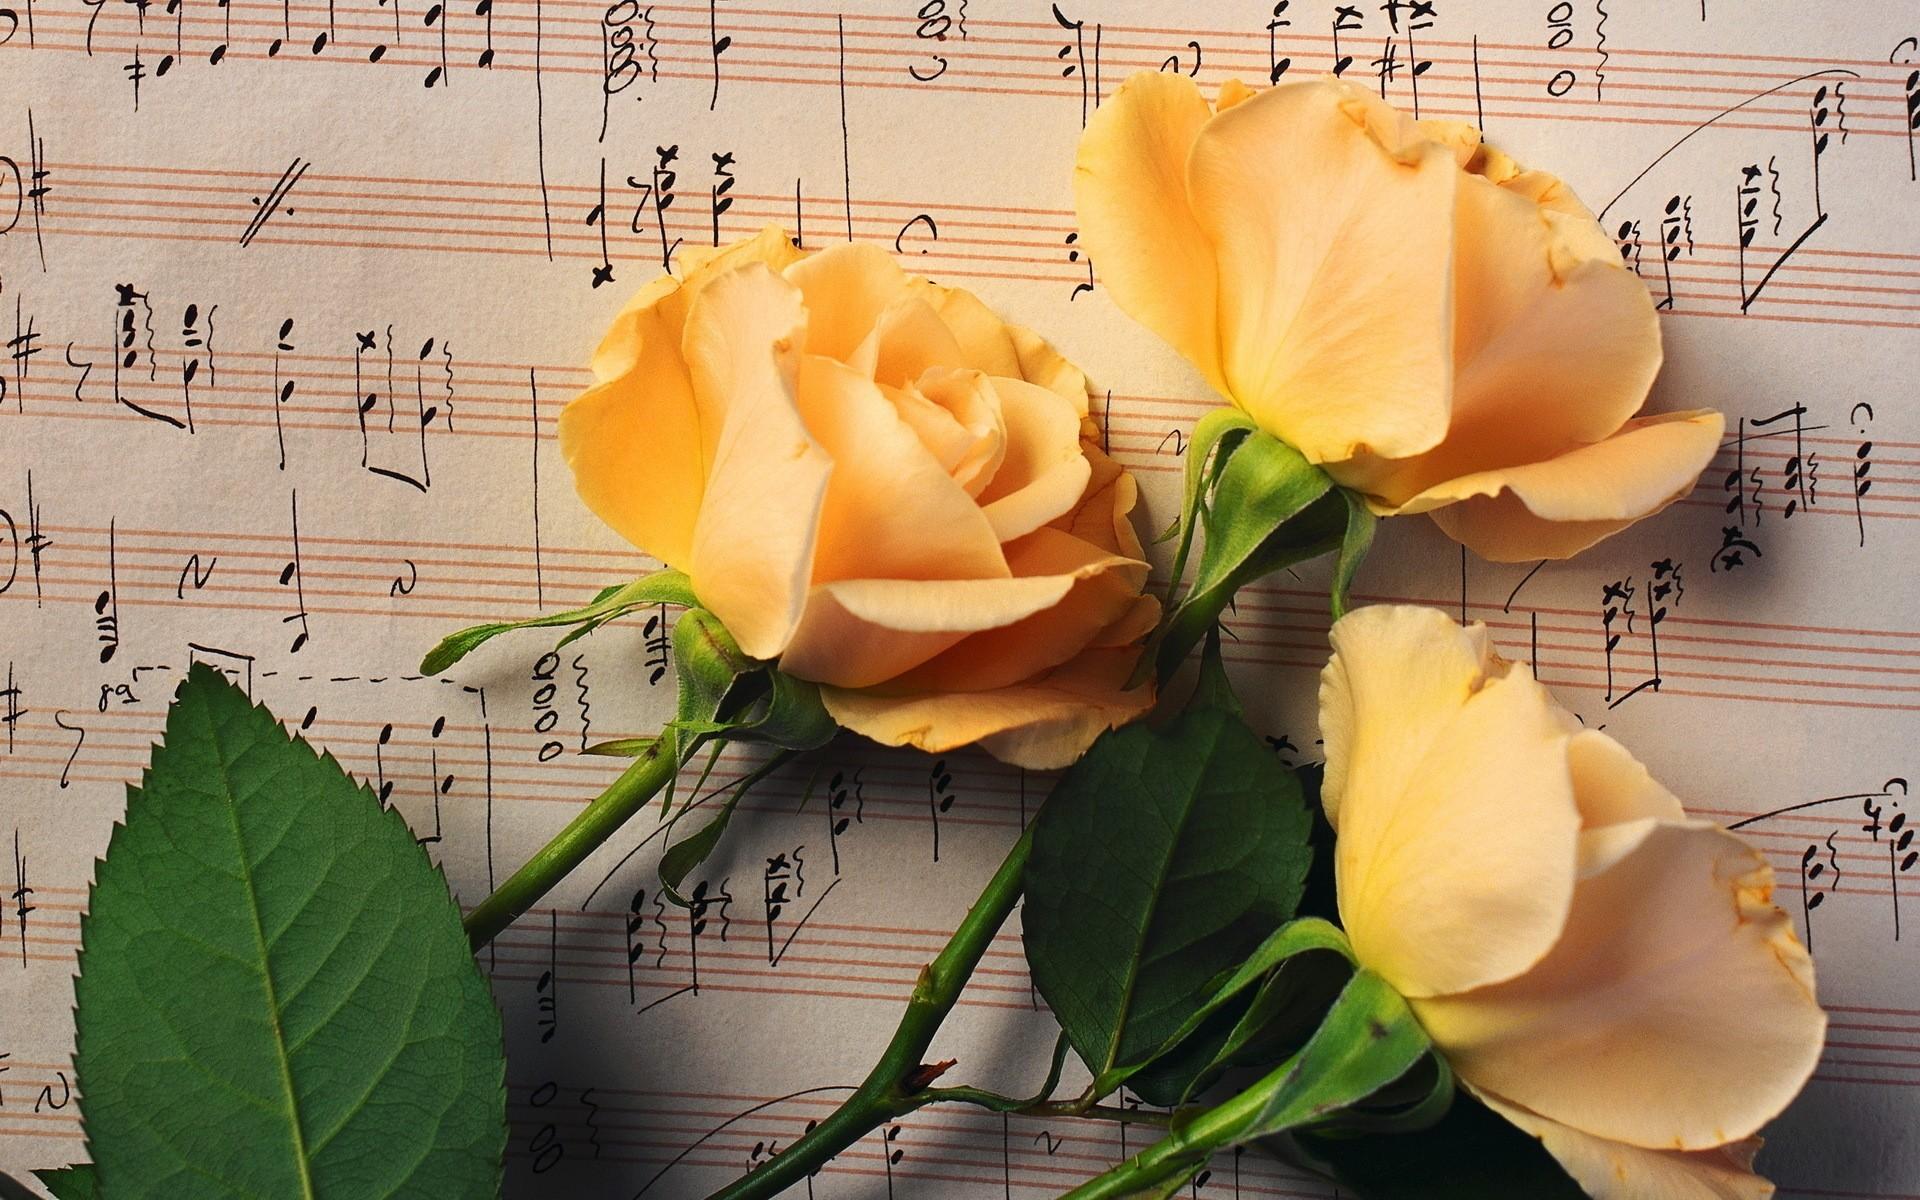 Цветы и женщина картинки с надписями, страничку интернета